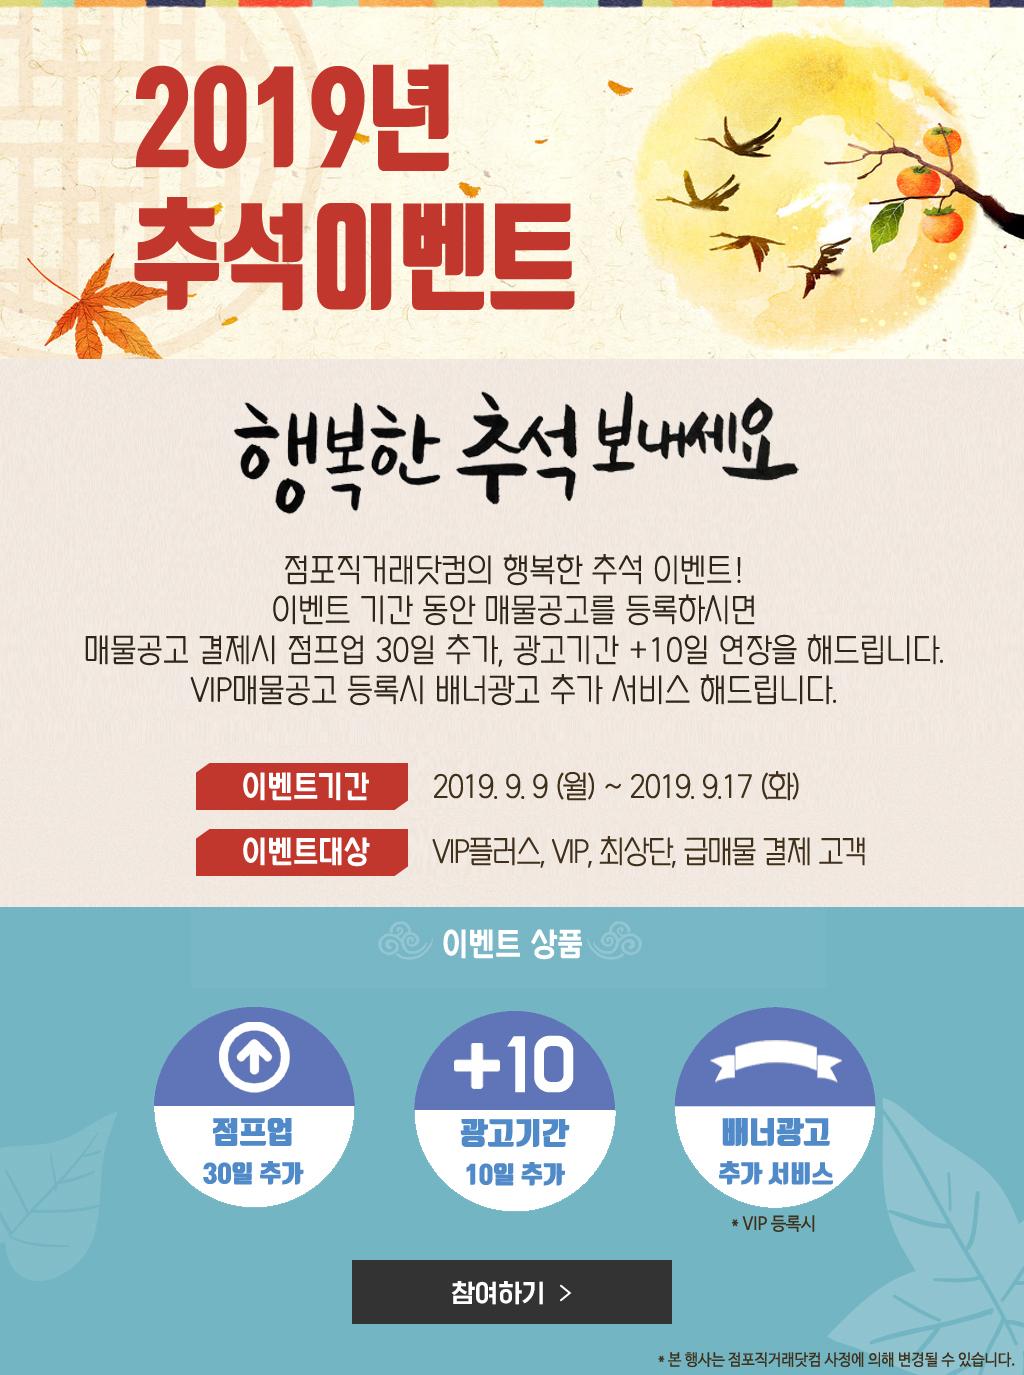 2019년 추석이벤트_점포직거래닷컴.jpg